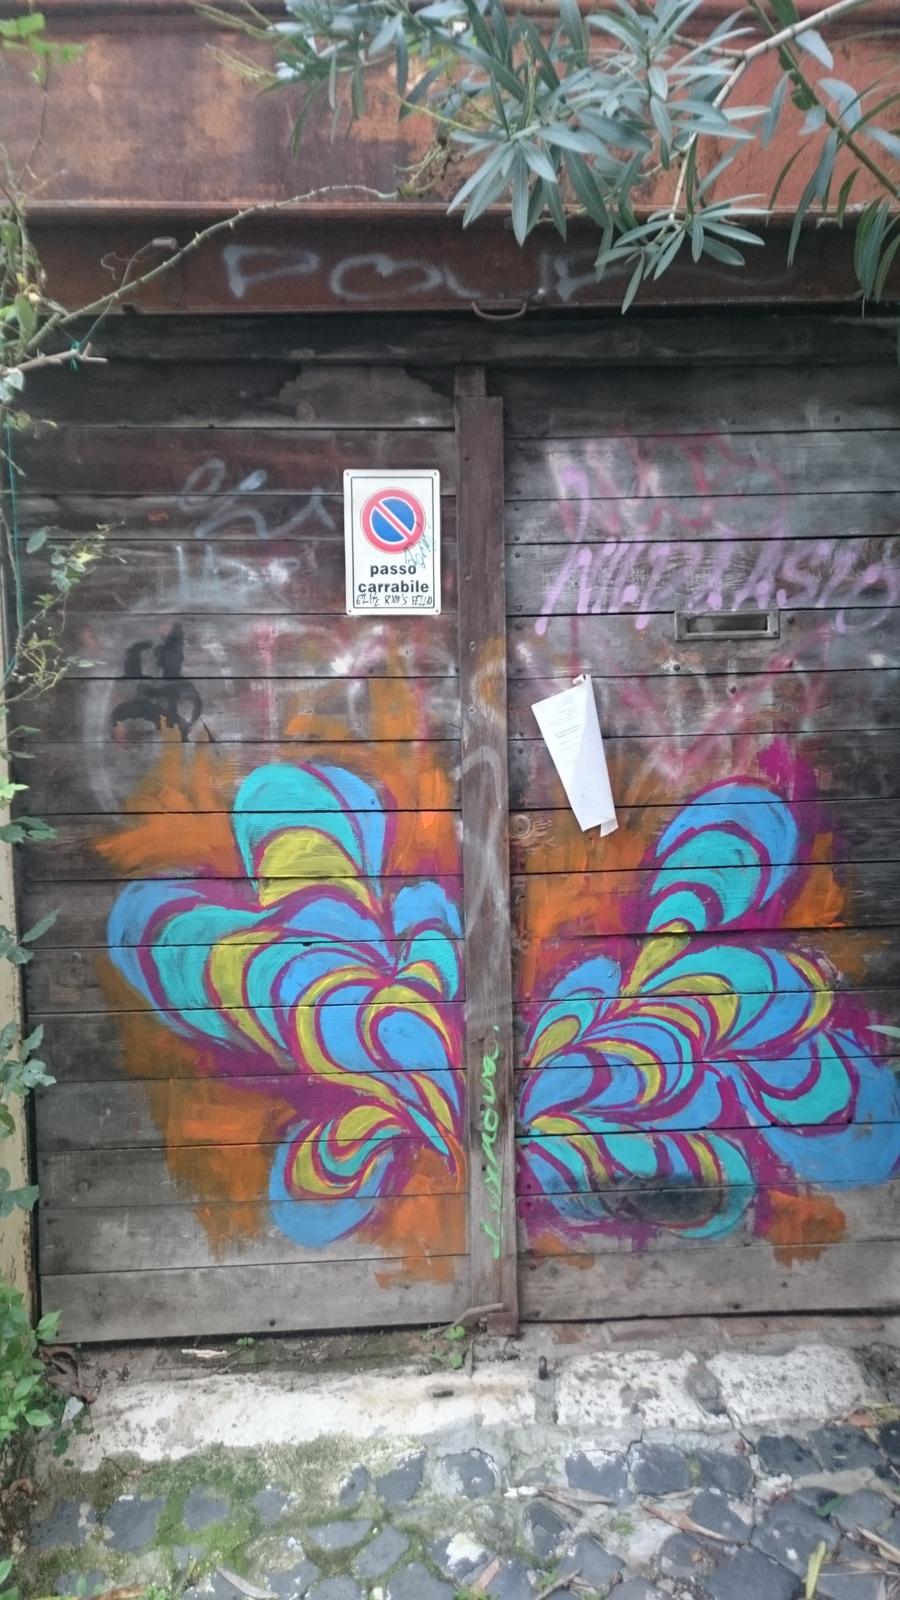 Grafitis sind ein nicht wegzudenkender Bestandteil des öffentlichen Raums in Rom